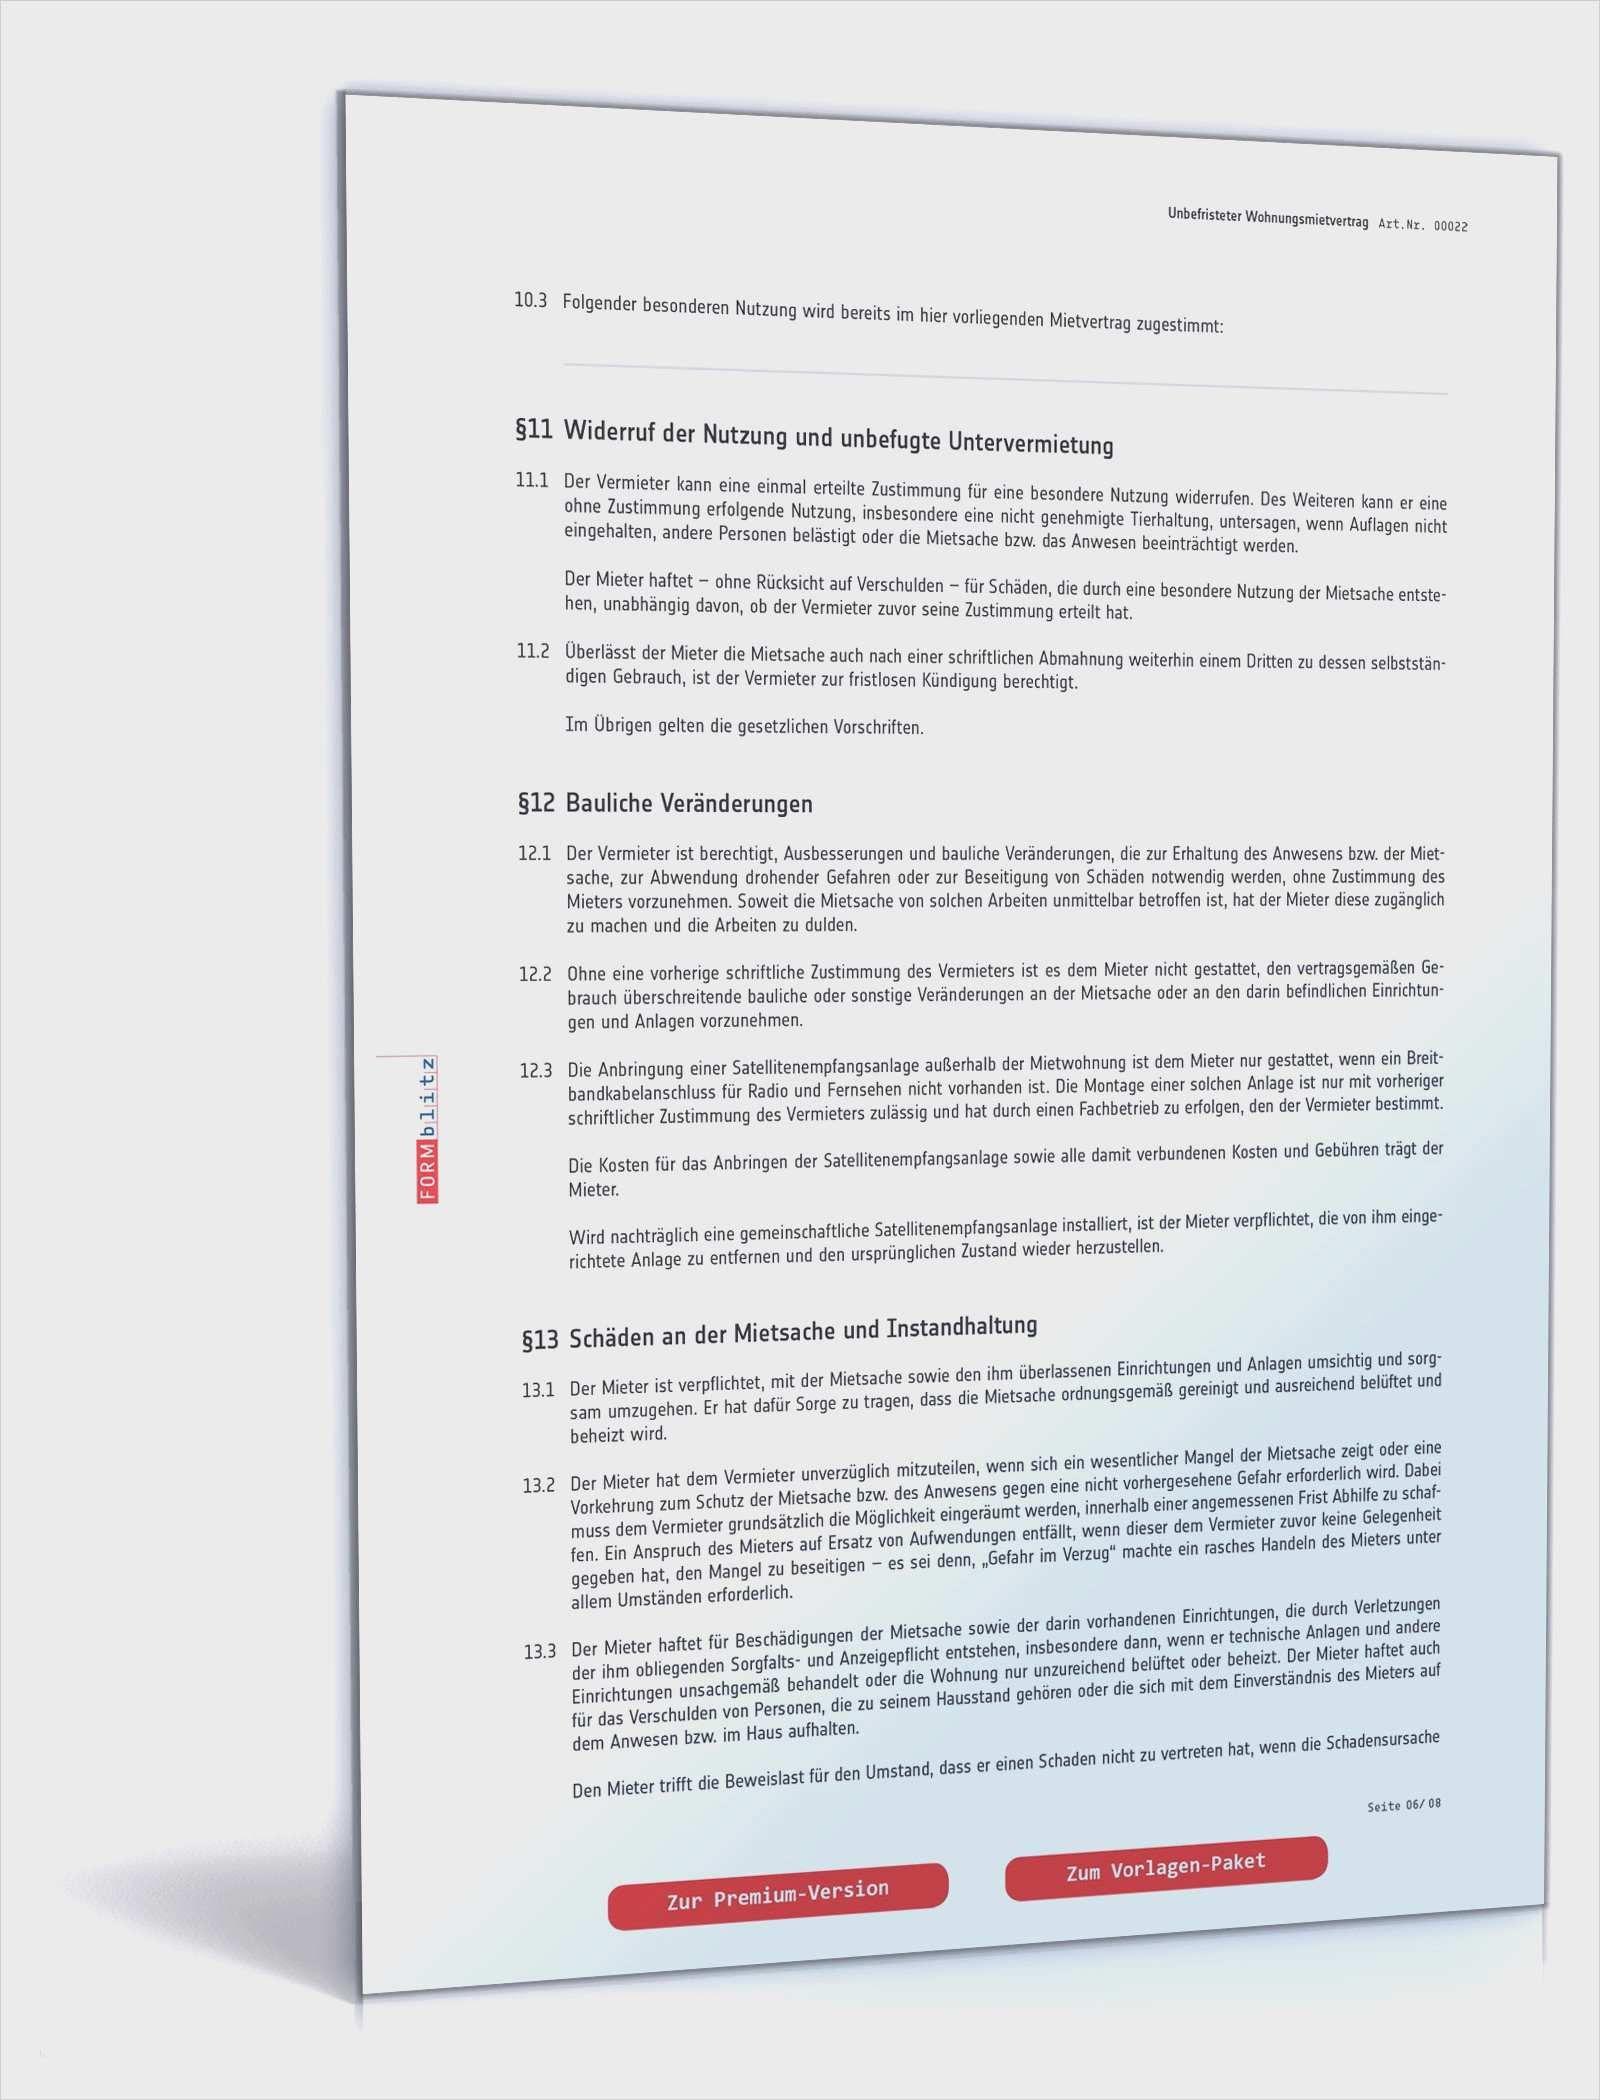 Paketaufkleber Vorlage Kostenlos 42 Hubsch Ebendiese Konnen Einstellen Fur Ihre Ideen Sammeln In 2020 Formular Paketaufkleber Aufkleber